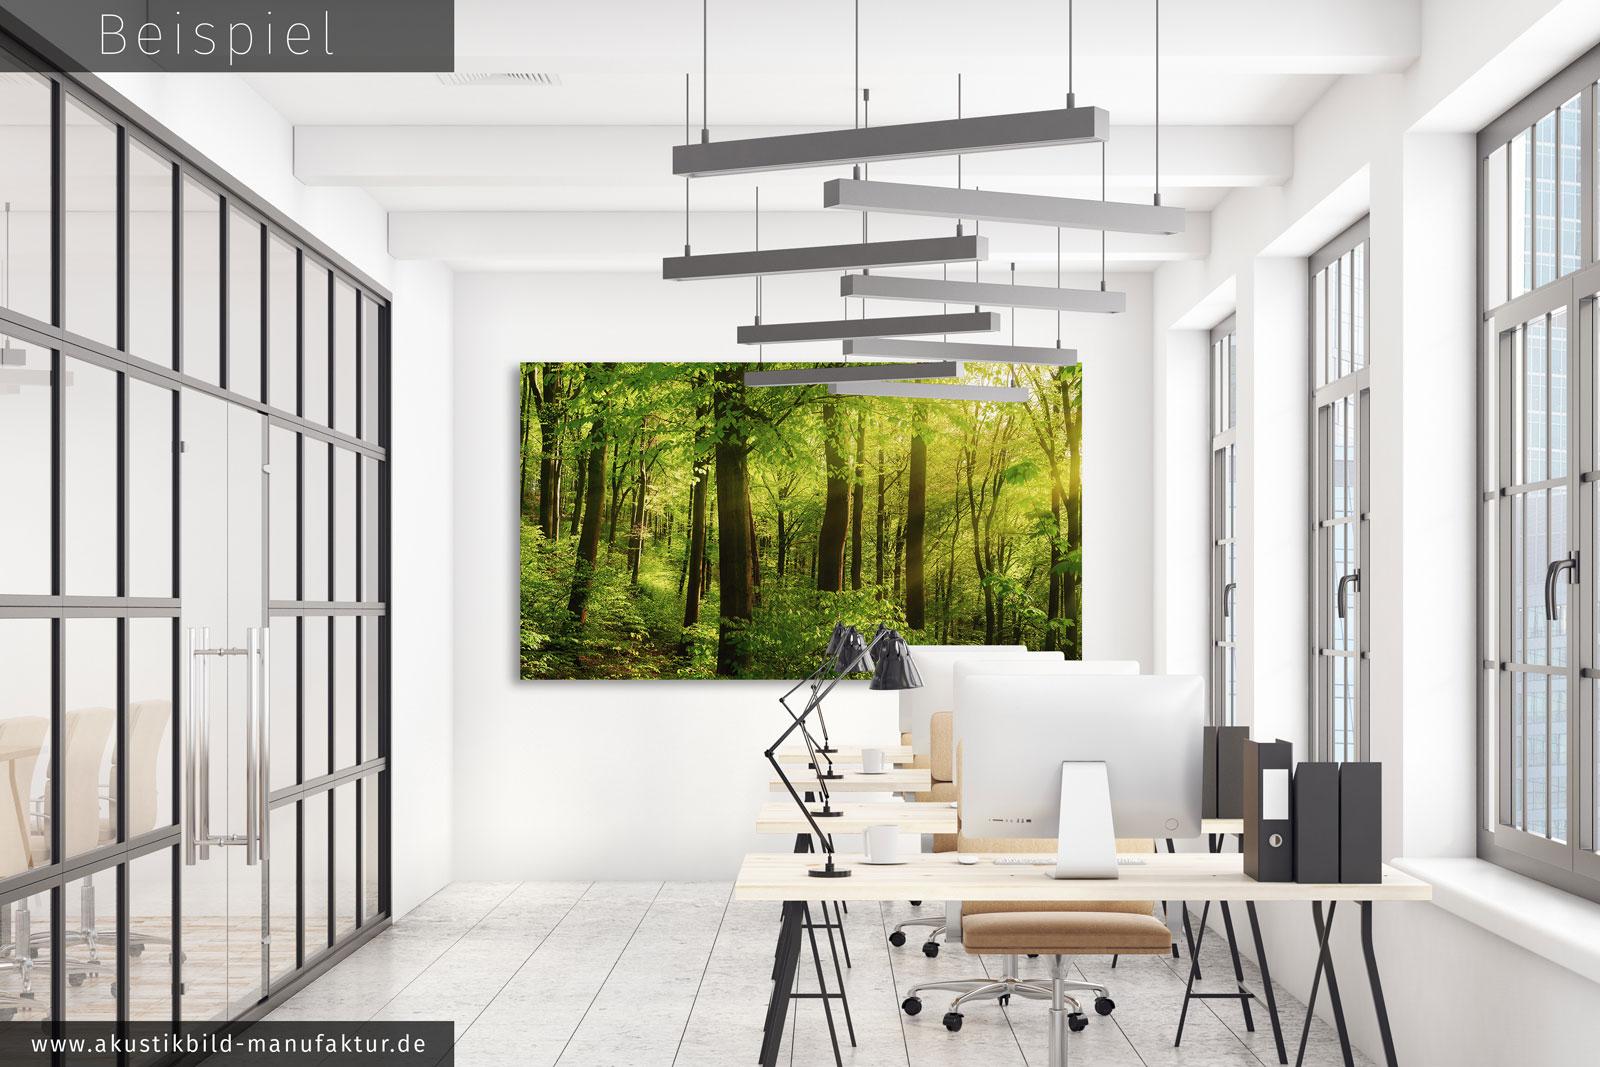 raumakustik verbessern buero wald natur gruen die. Black Bedroom Furniture Sets. Home Design Ideas